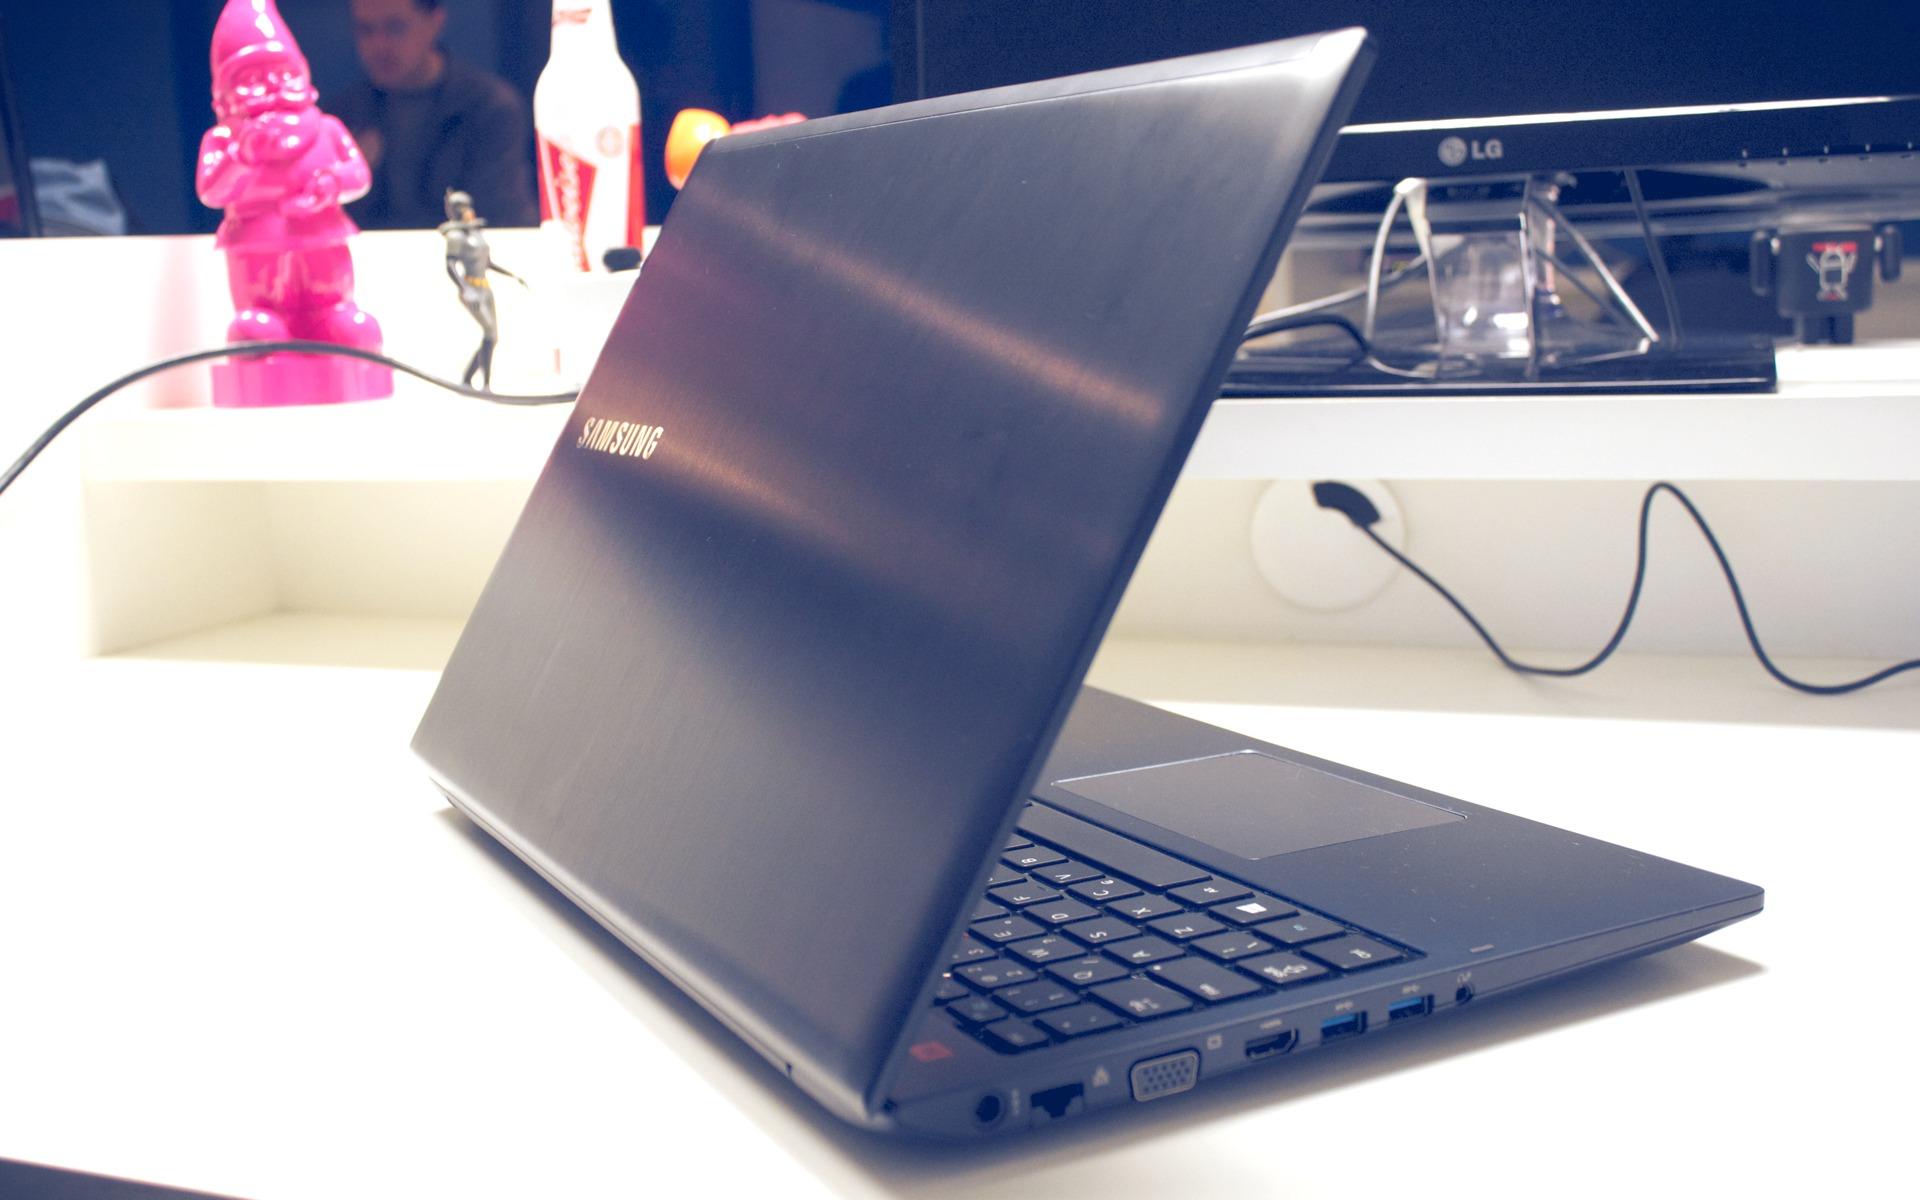 Notebook samsung lançamento 2013 - A Samsung Recentemente Fez Uma Limpa Na Linha De Notebooks A Come Ar Pelos Nomes Que Foram Padronizados Ativ Book Seguido De Algum N Mero Para Indicar